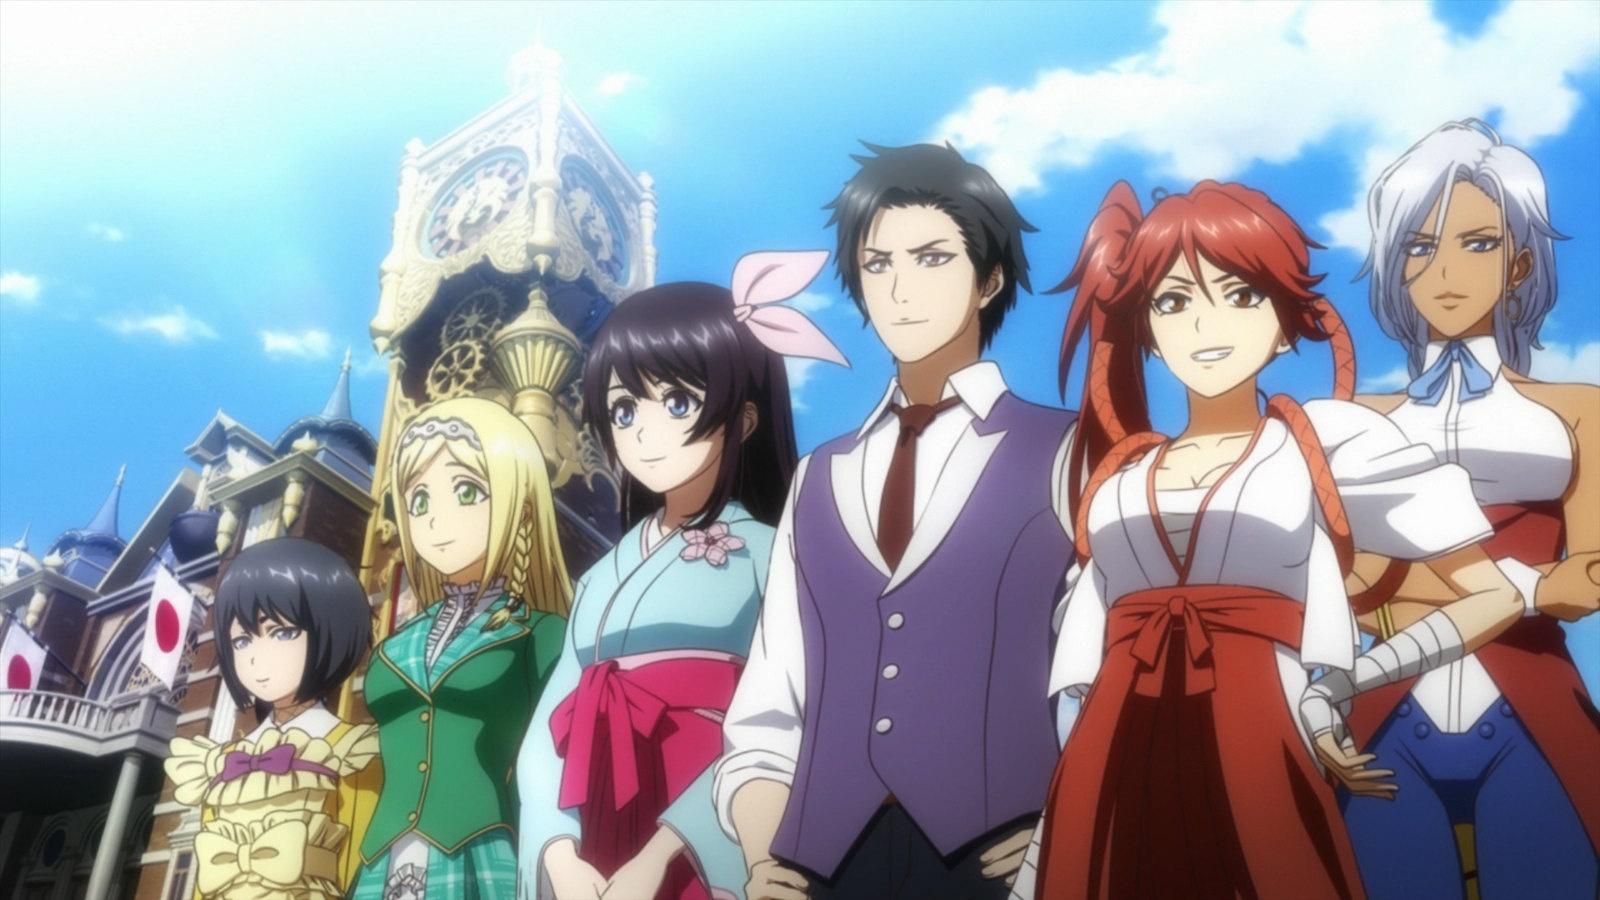 Тактическая ролёвка Sakura Wars выйдет на Западе в апреле